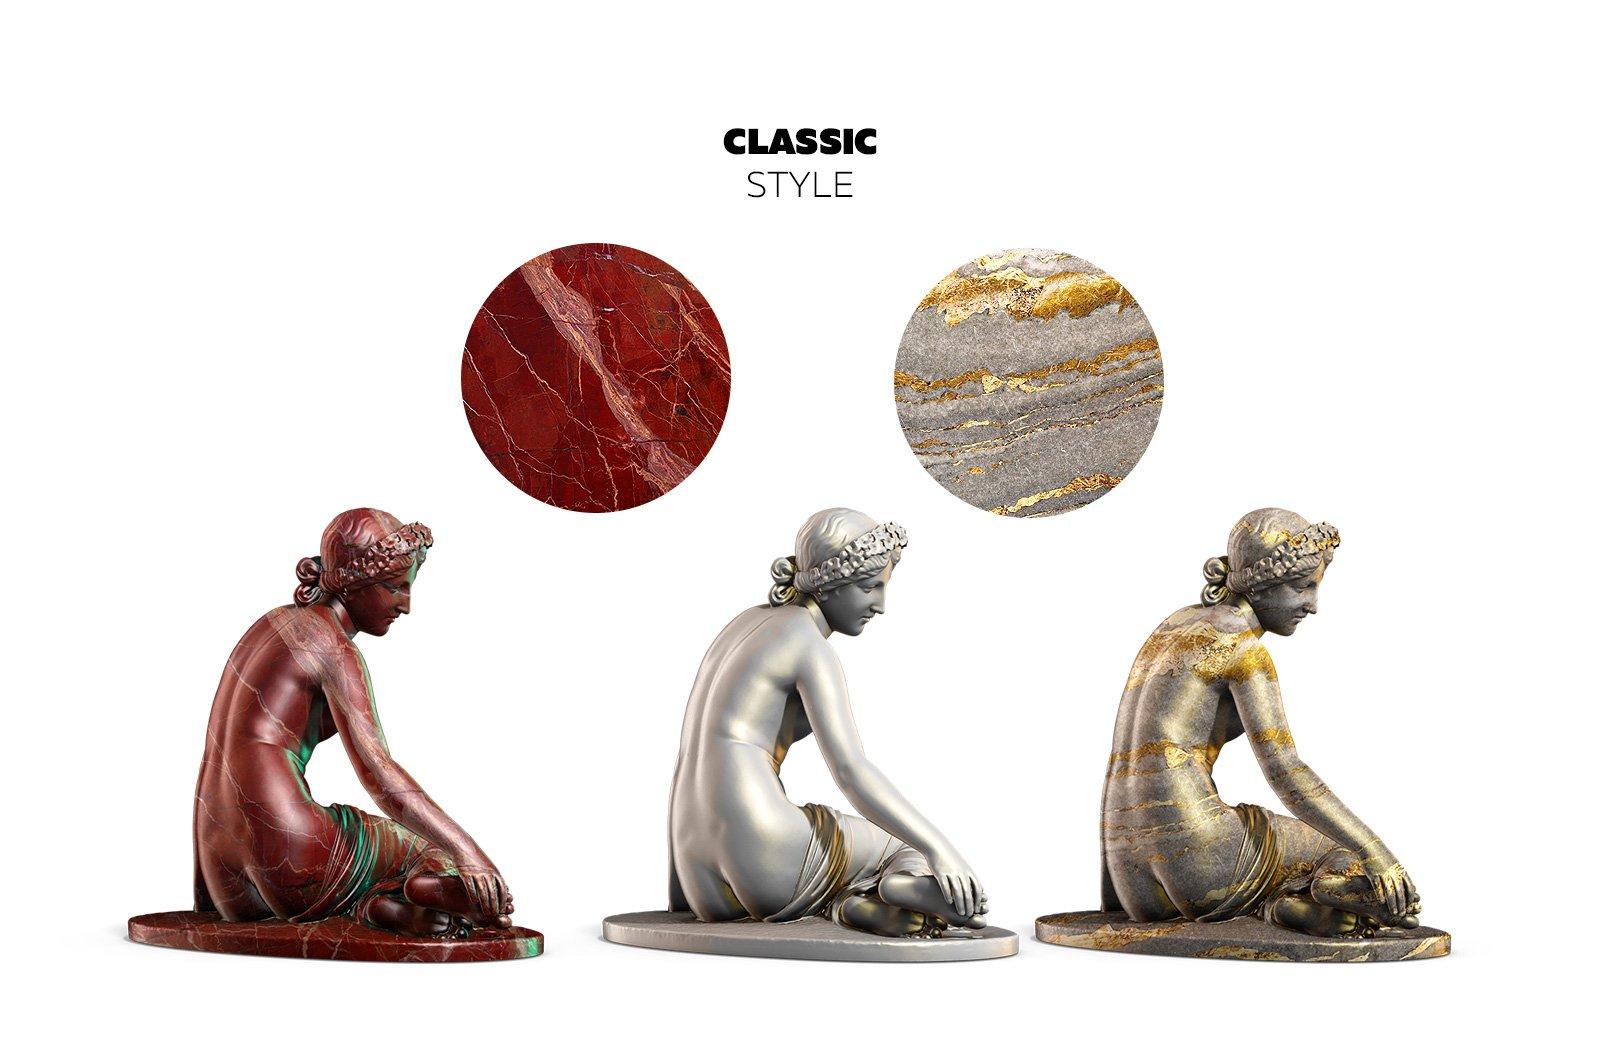 [淘宝购买] 343款复古蒸汽波艺术人物动物石膏雕像模型PS素材源文件 343 Sculptures Mockup插图(5)